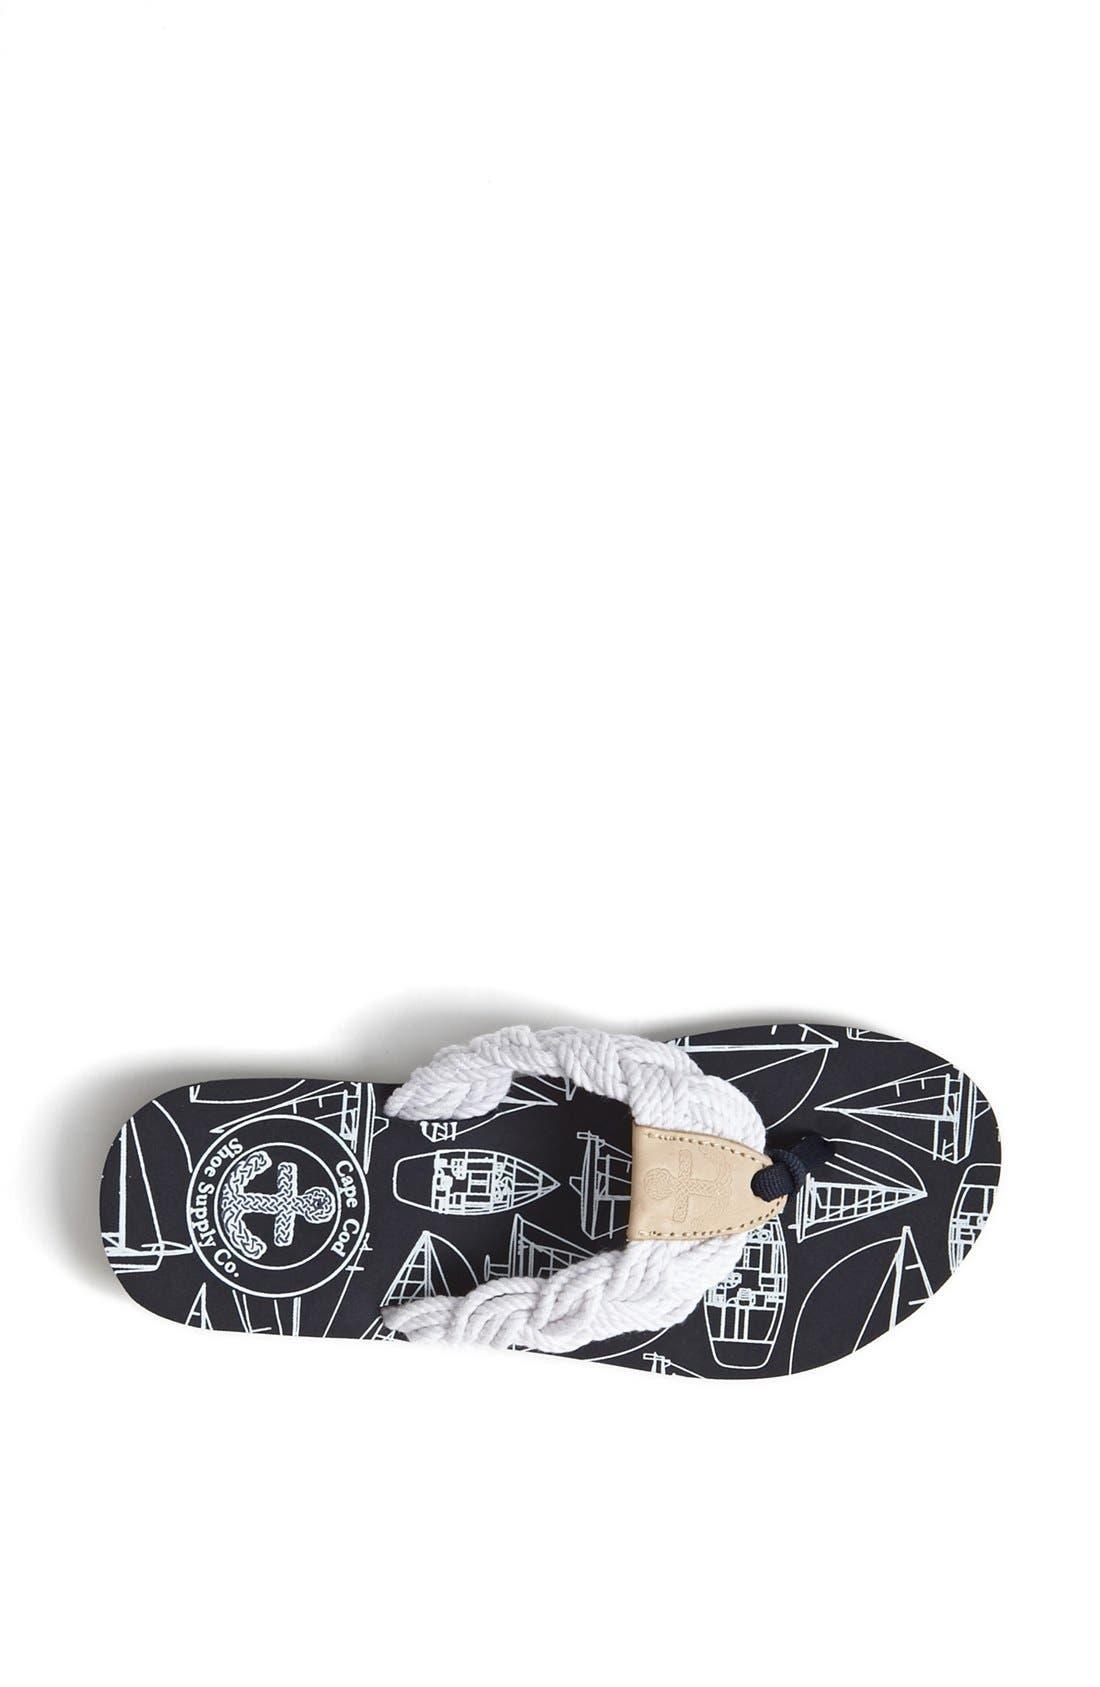 Alternate Image 3  - Cape Cod Shoe Supply Co. 'Mainsail' Flip Flop